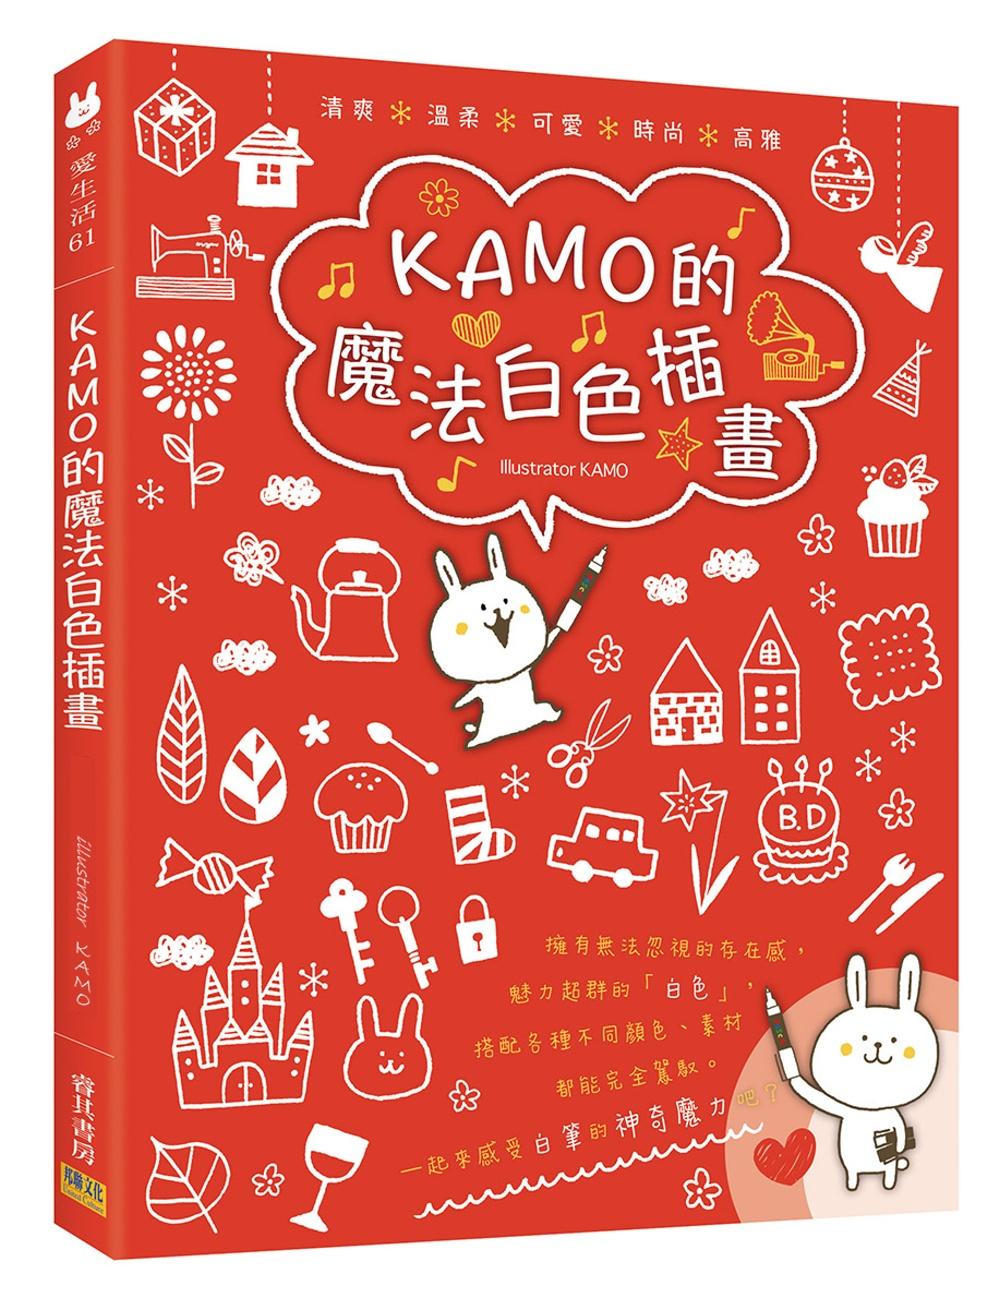 KAMO的魔法白色插畫:清爽X溫柔X可愛X時尚X高雅